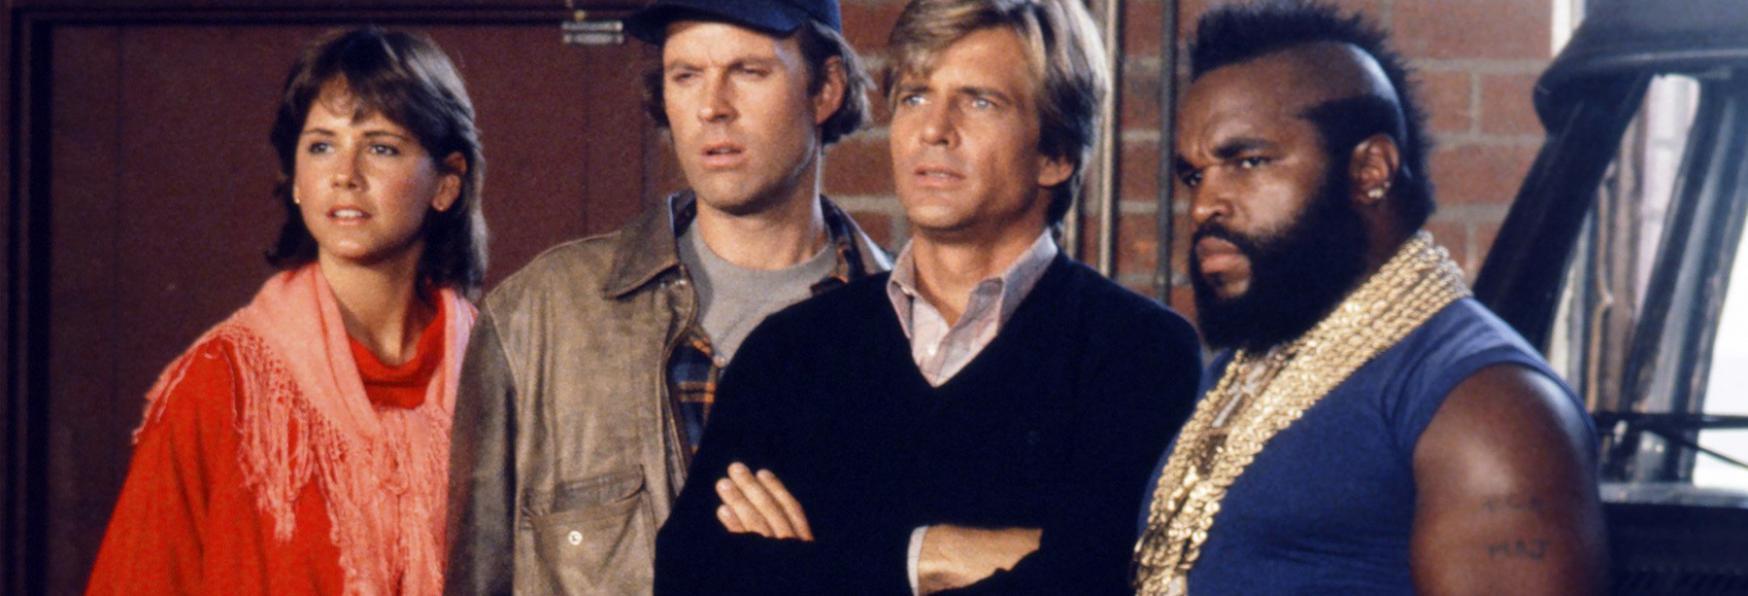 Old but Serial: come dimenticarsi di quei Folli dell'A-Team? Ricordiamo insieme la nota Serie TV